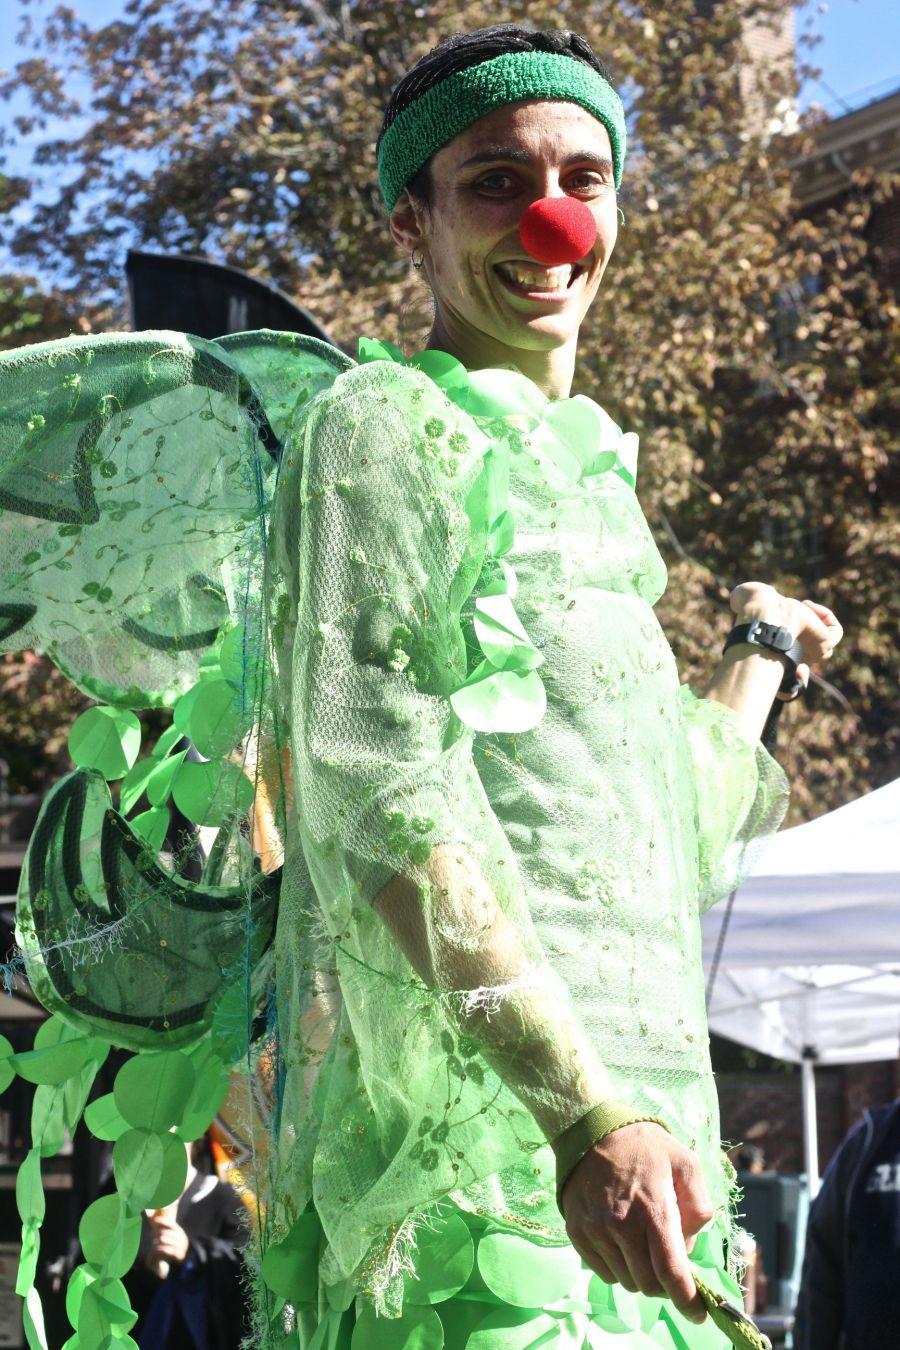 cambridge honkfest october 11 2015 7